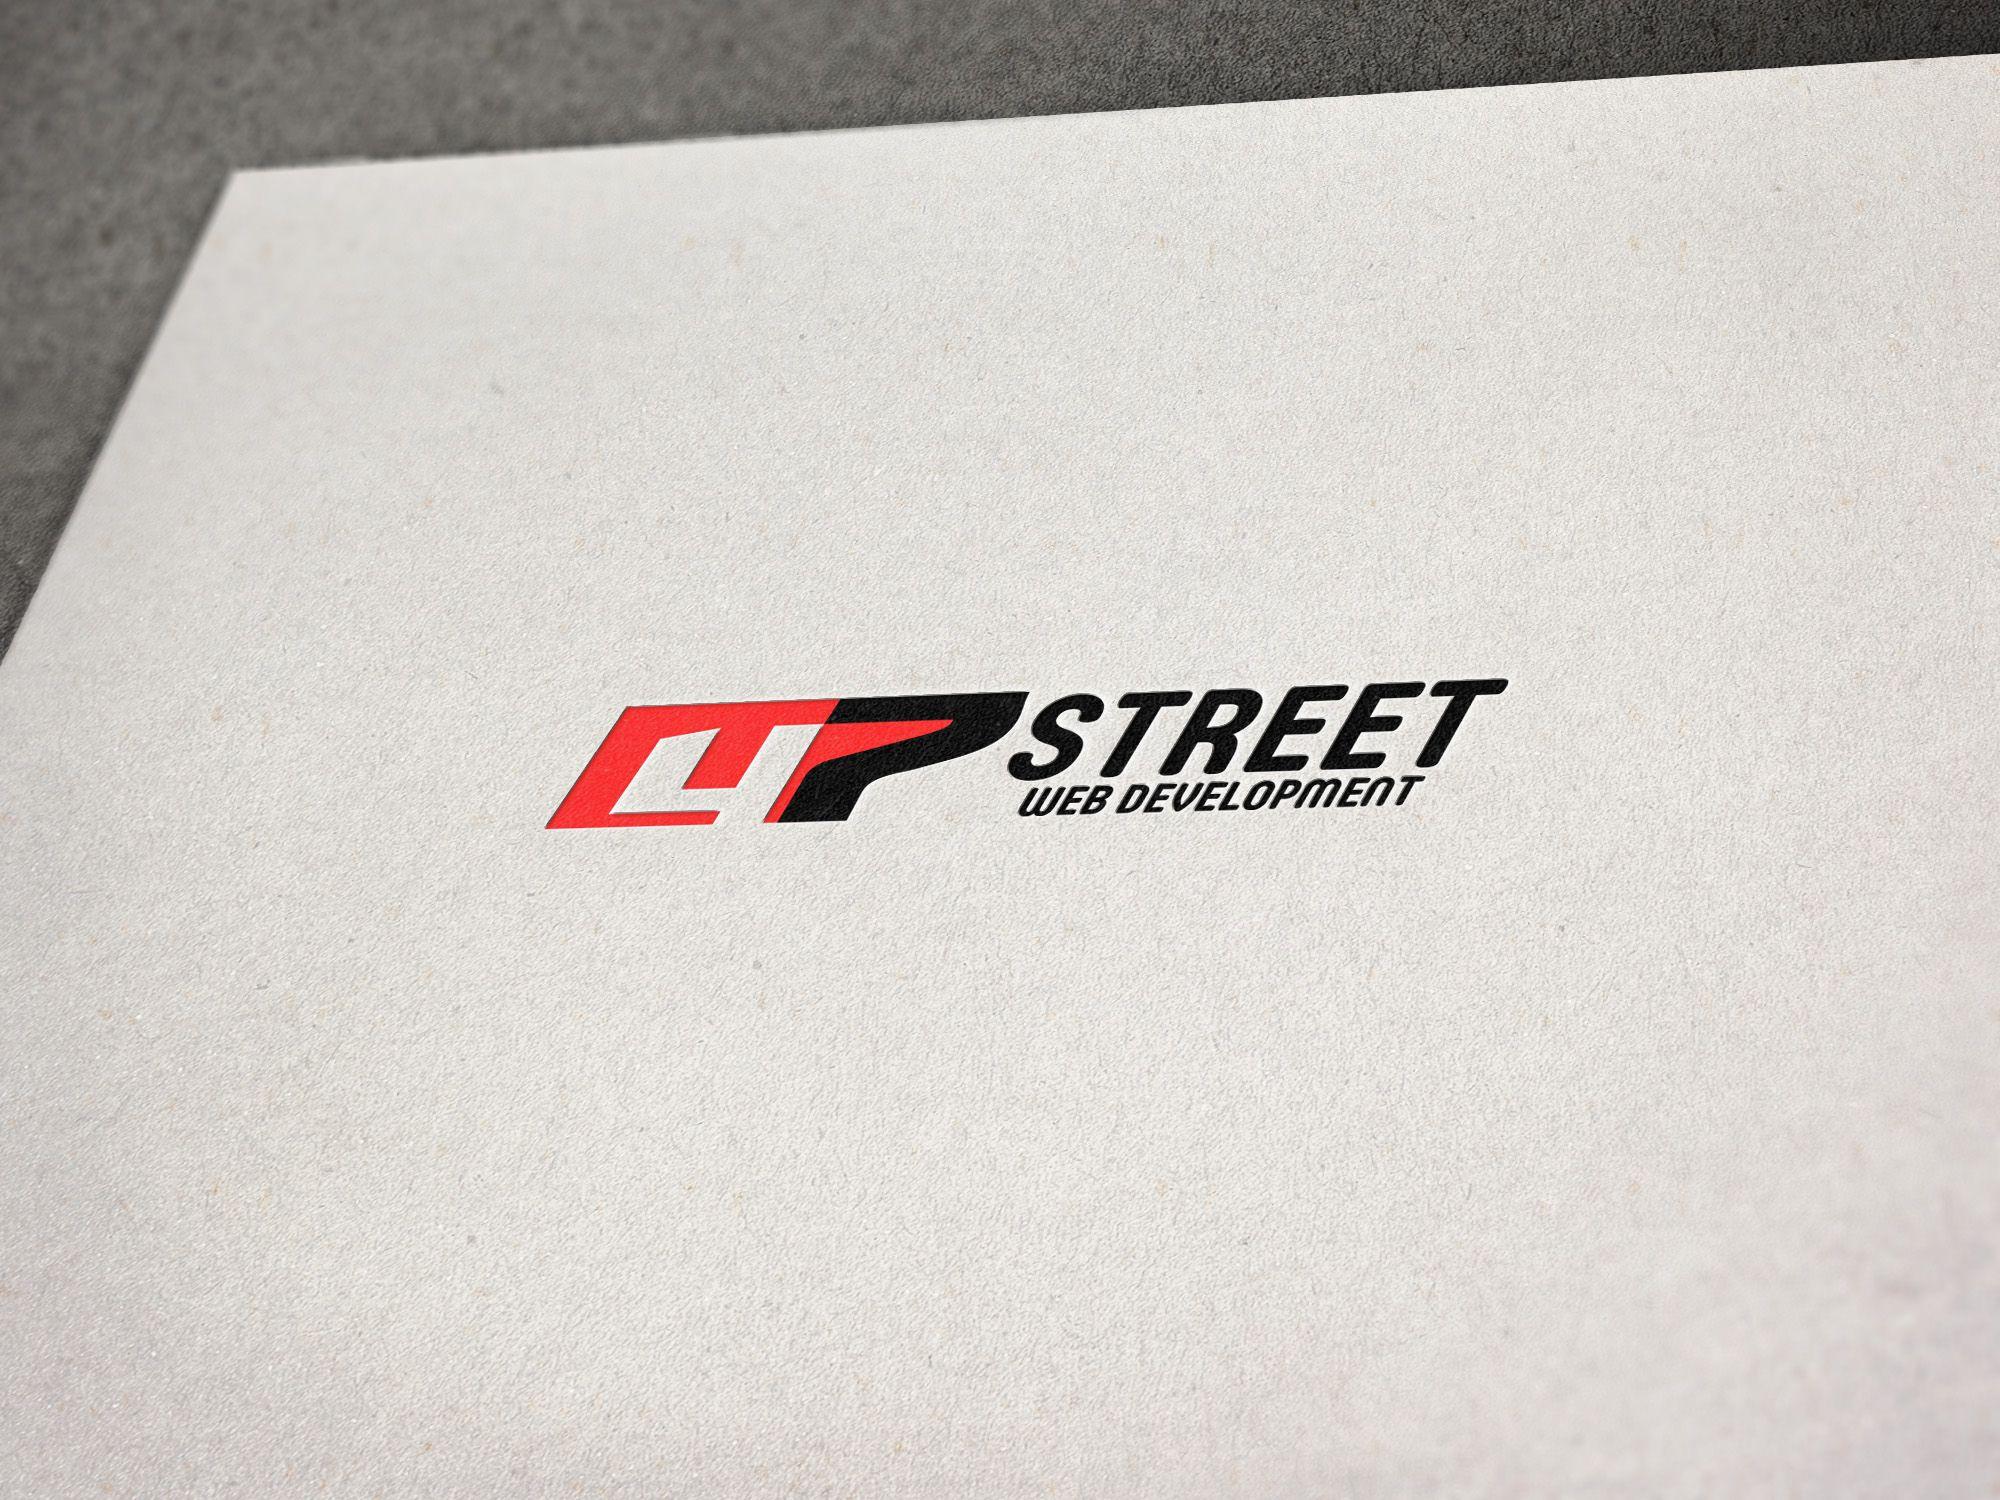 Разработка логотипа студии веб-разработки - дизайнер Martins206